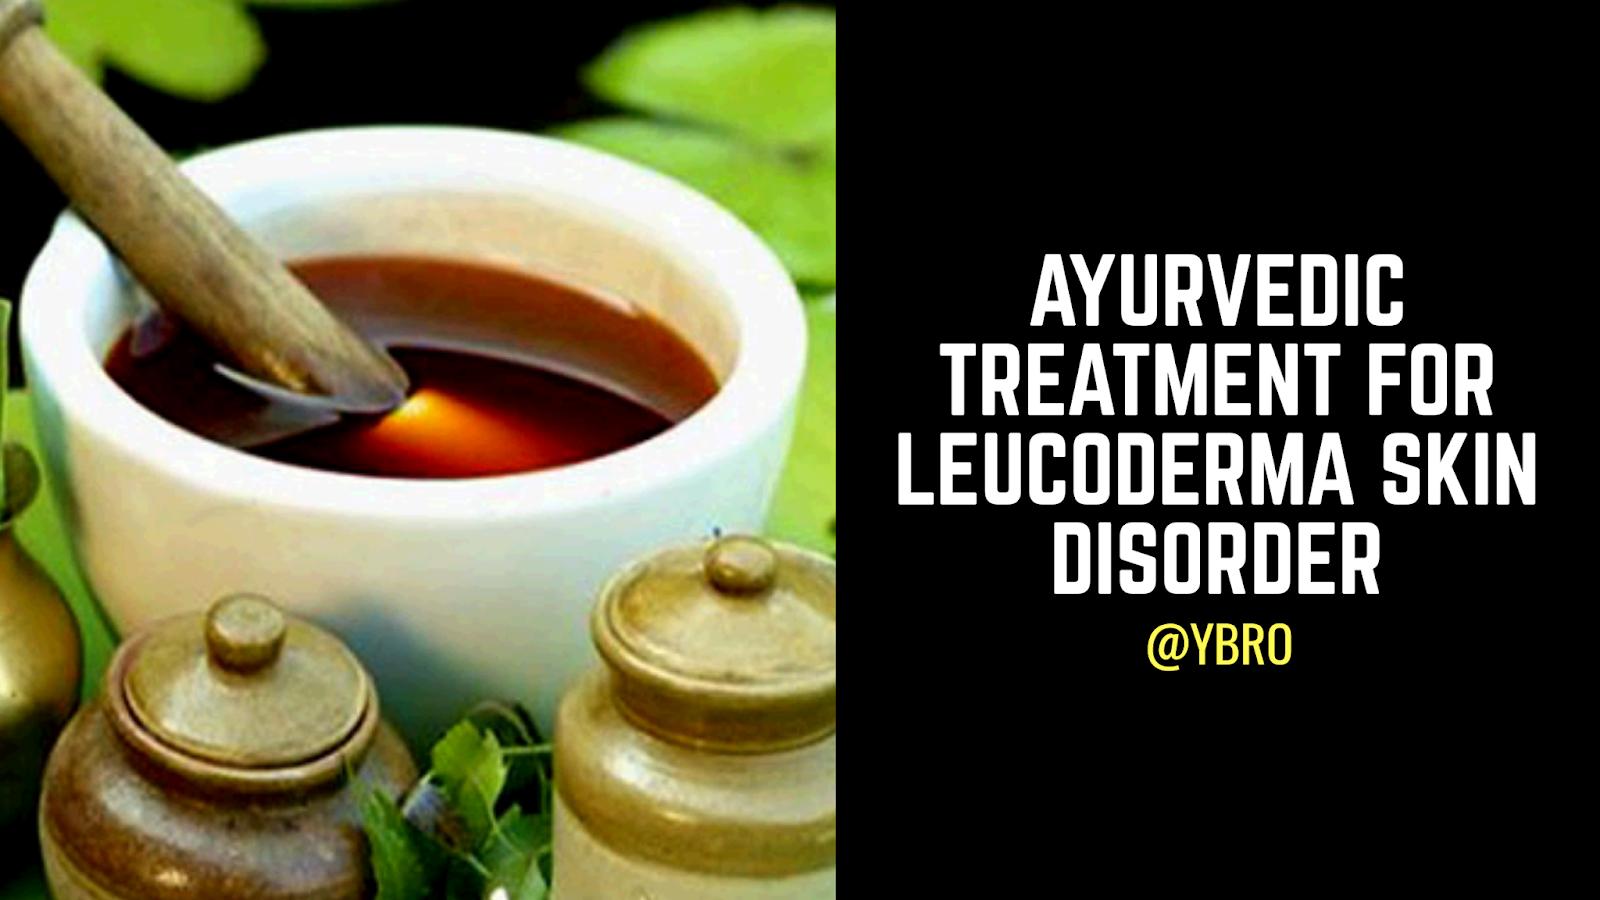 Ayurvedic Treatment for Leucoderma Skin Disorder